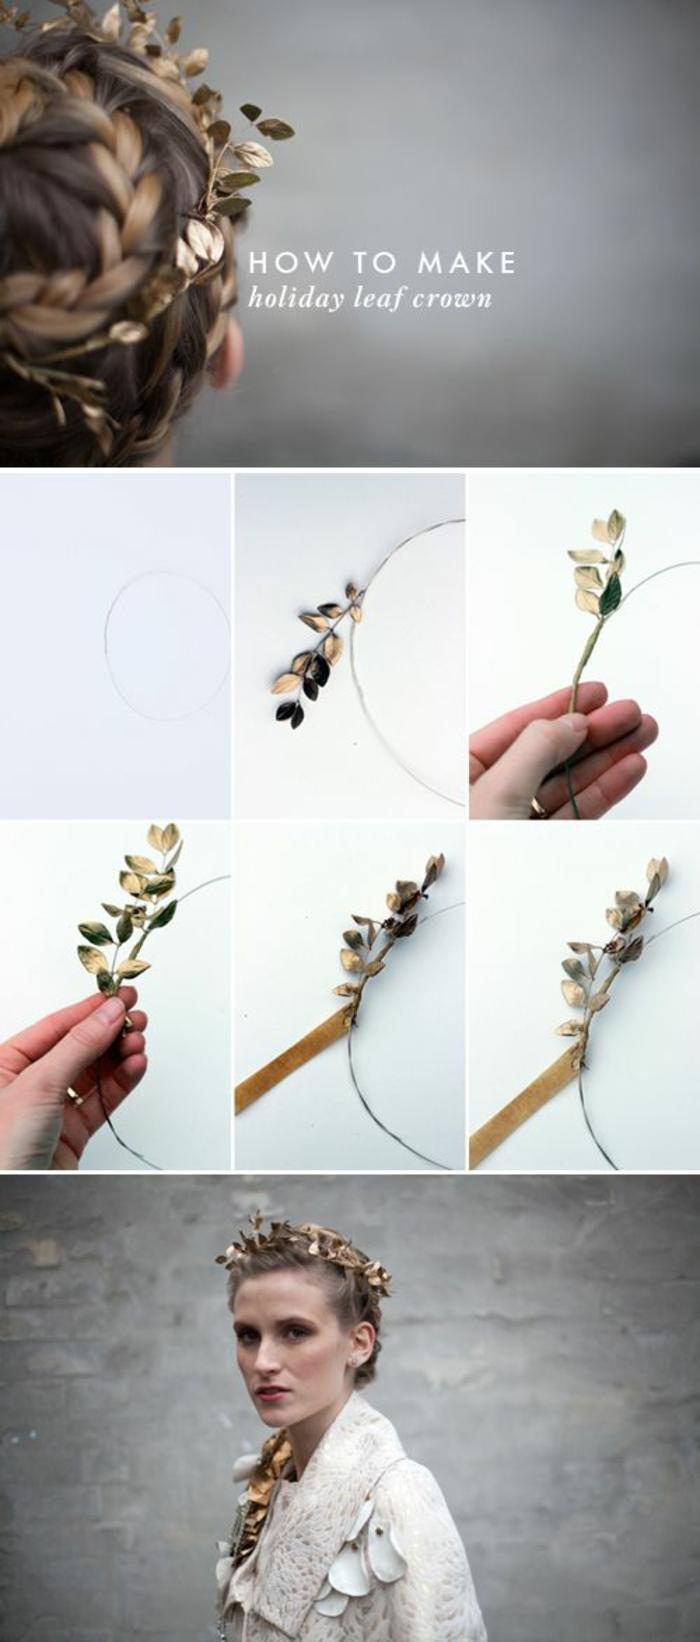 basteln mit naturmaterialien, kranz, krone aus goldenen baumblättern machen, frau, kopfschmuck